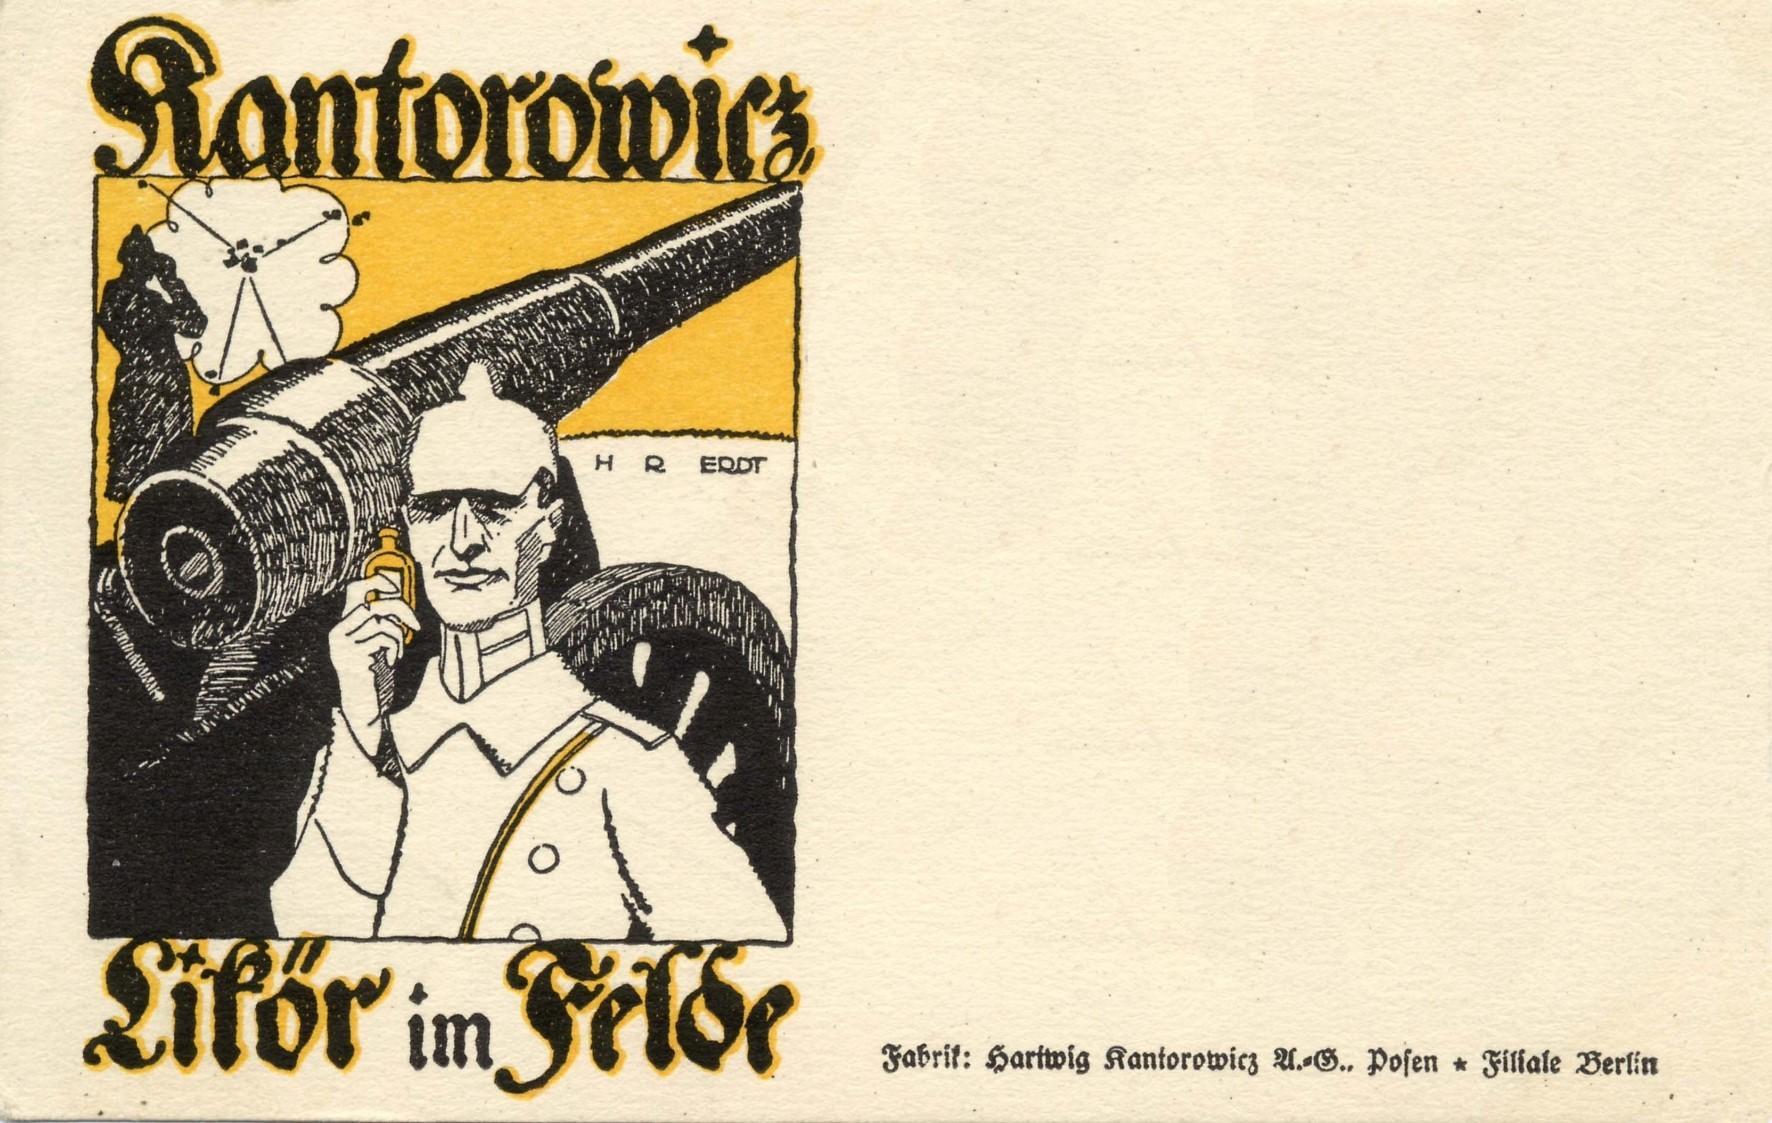 Kantorowicz Feldpostkarte 1, ©Stephan Becker, Brüssow